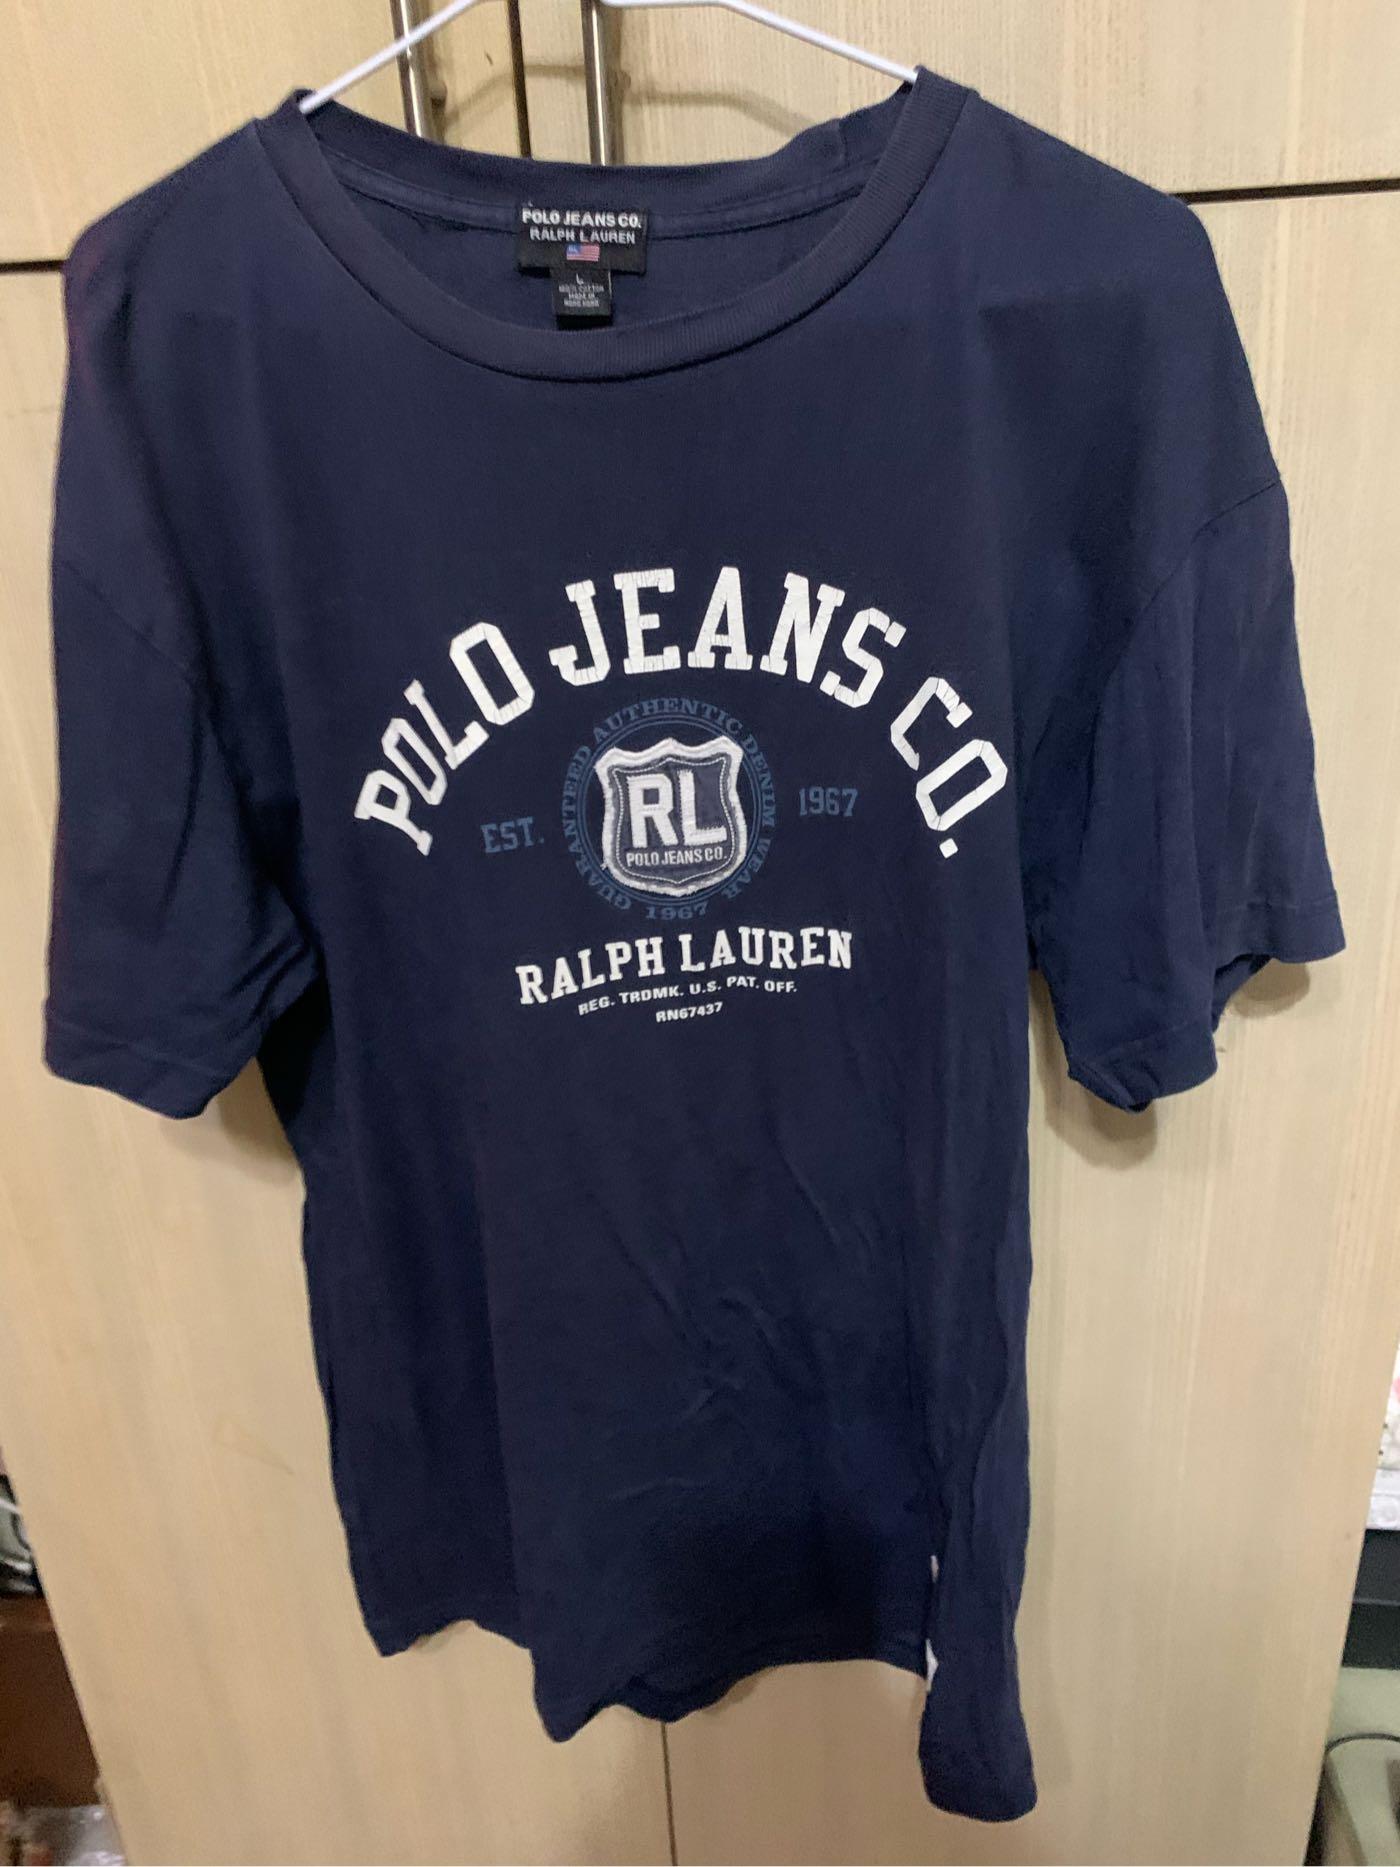 專櫃polo jeans co.ralph Lauren. Size. L肩20胸20長28袖7有使用痕圖6字體乾裂(櫃2抽2)